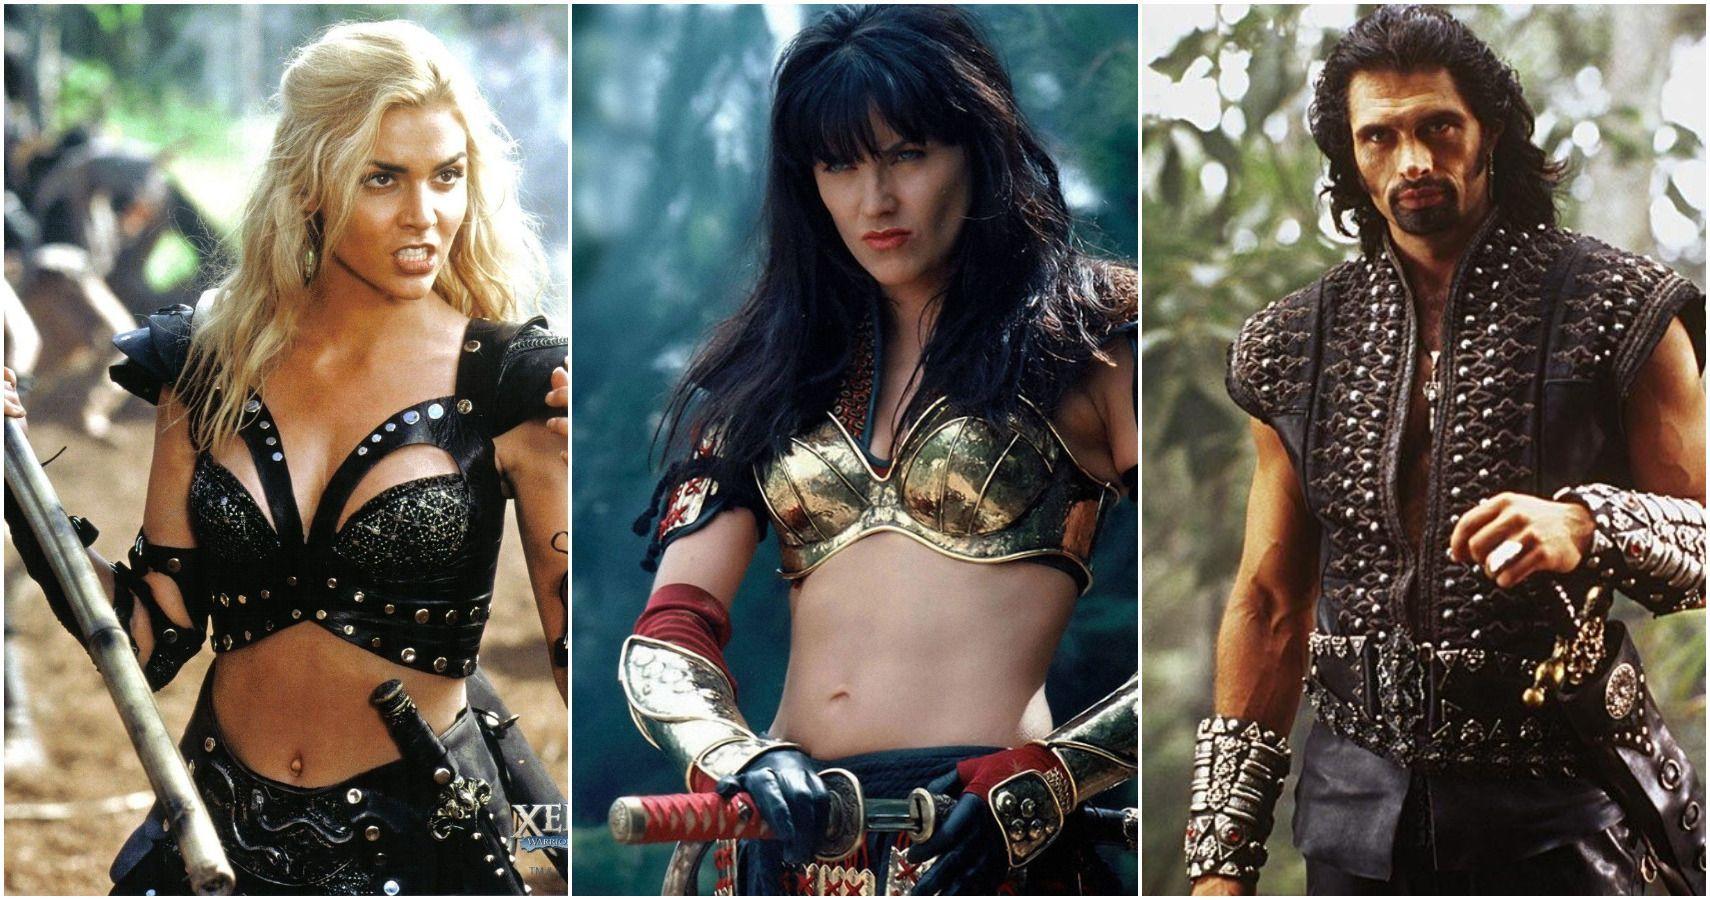 Xena: Warrior Princess | TVmaze